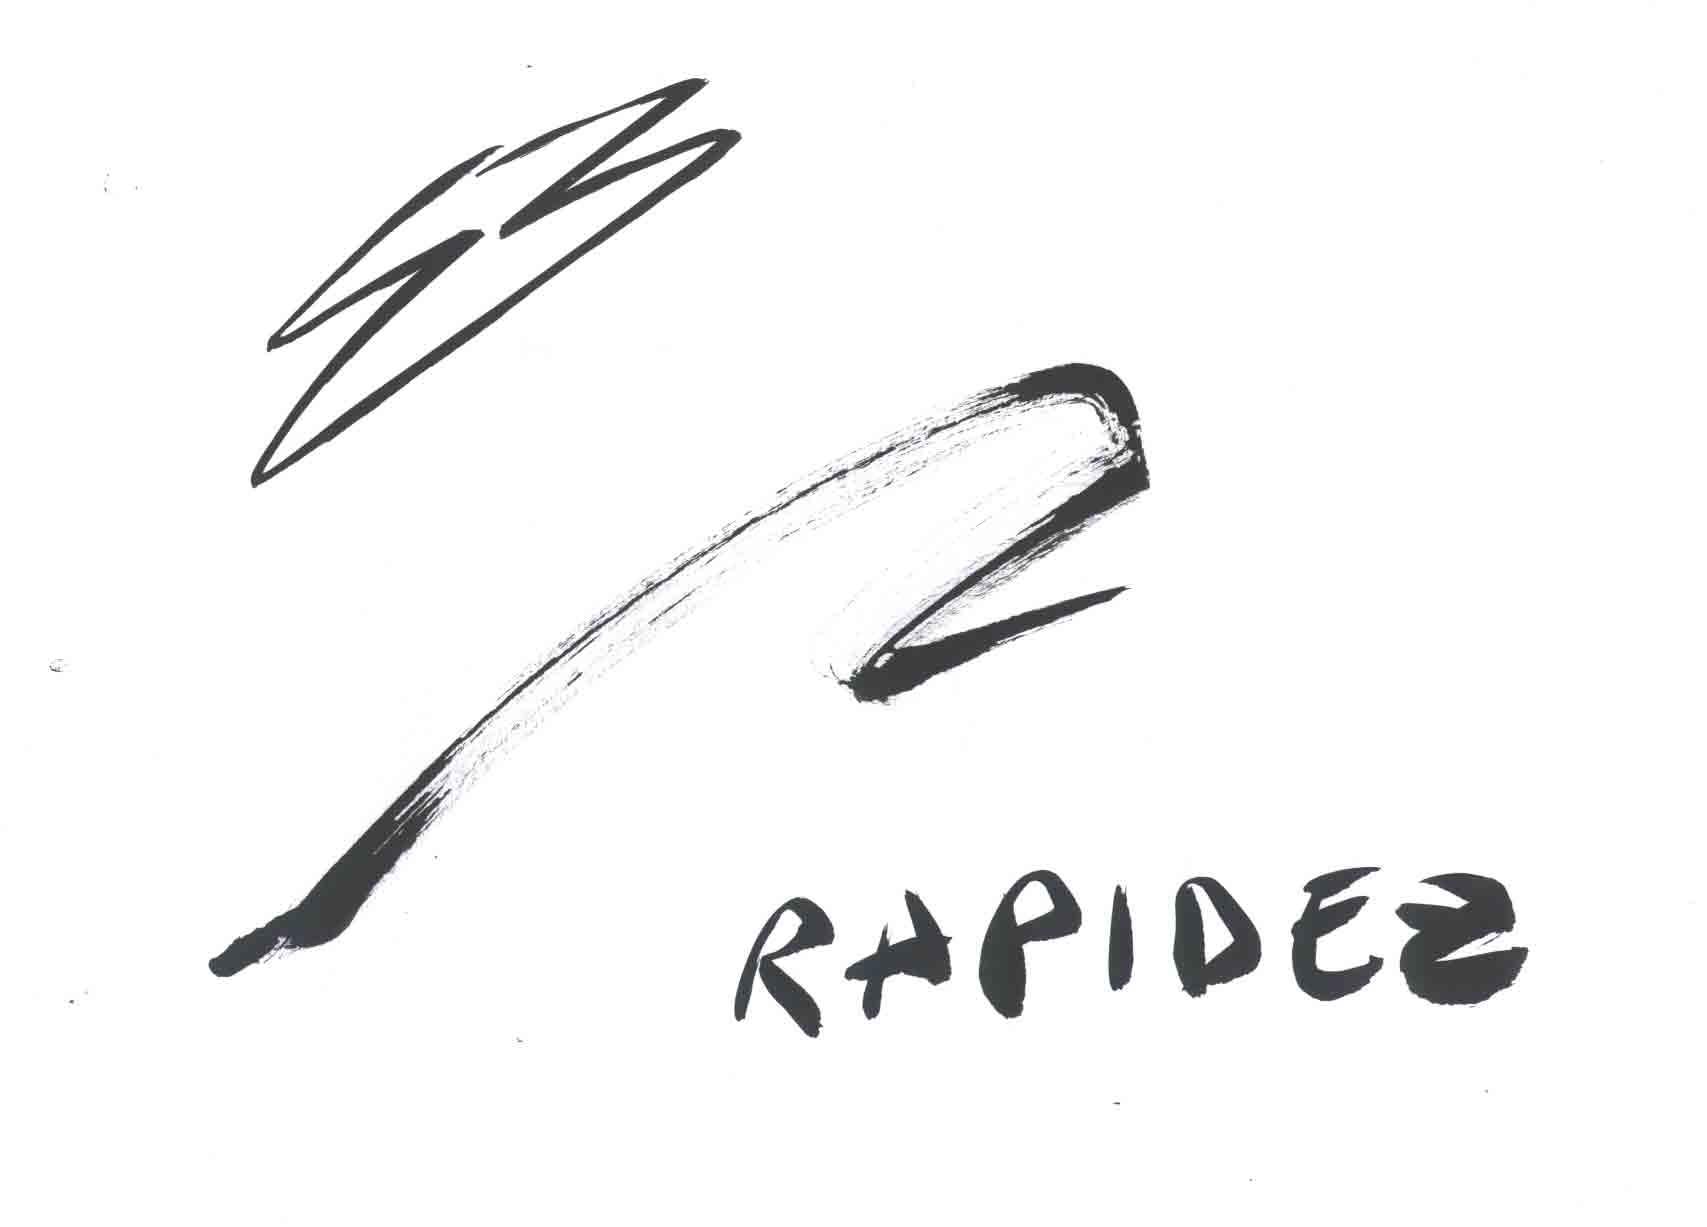 rapidez_w